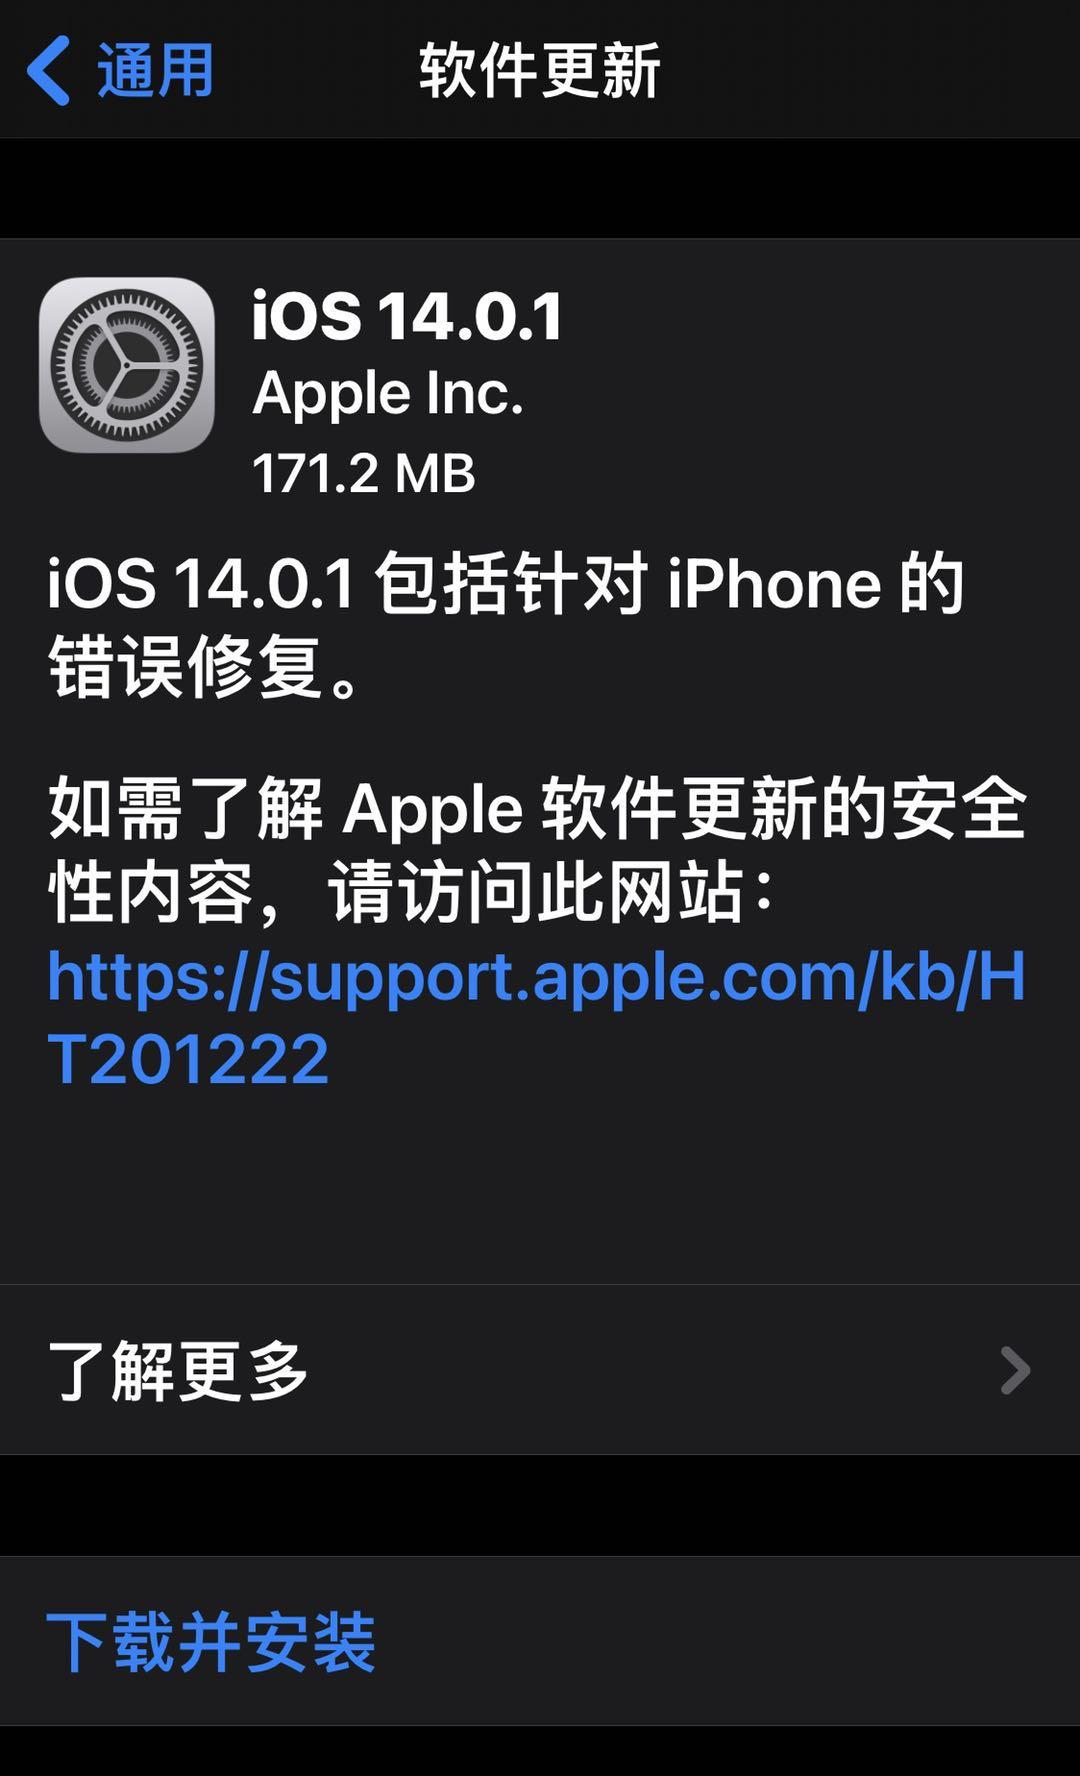 苹果正式发布iOS14.0.1:修复苹果预装App的Bug插图